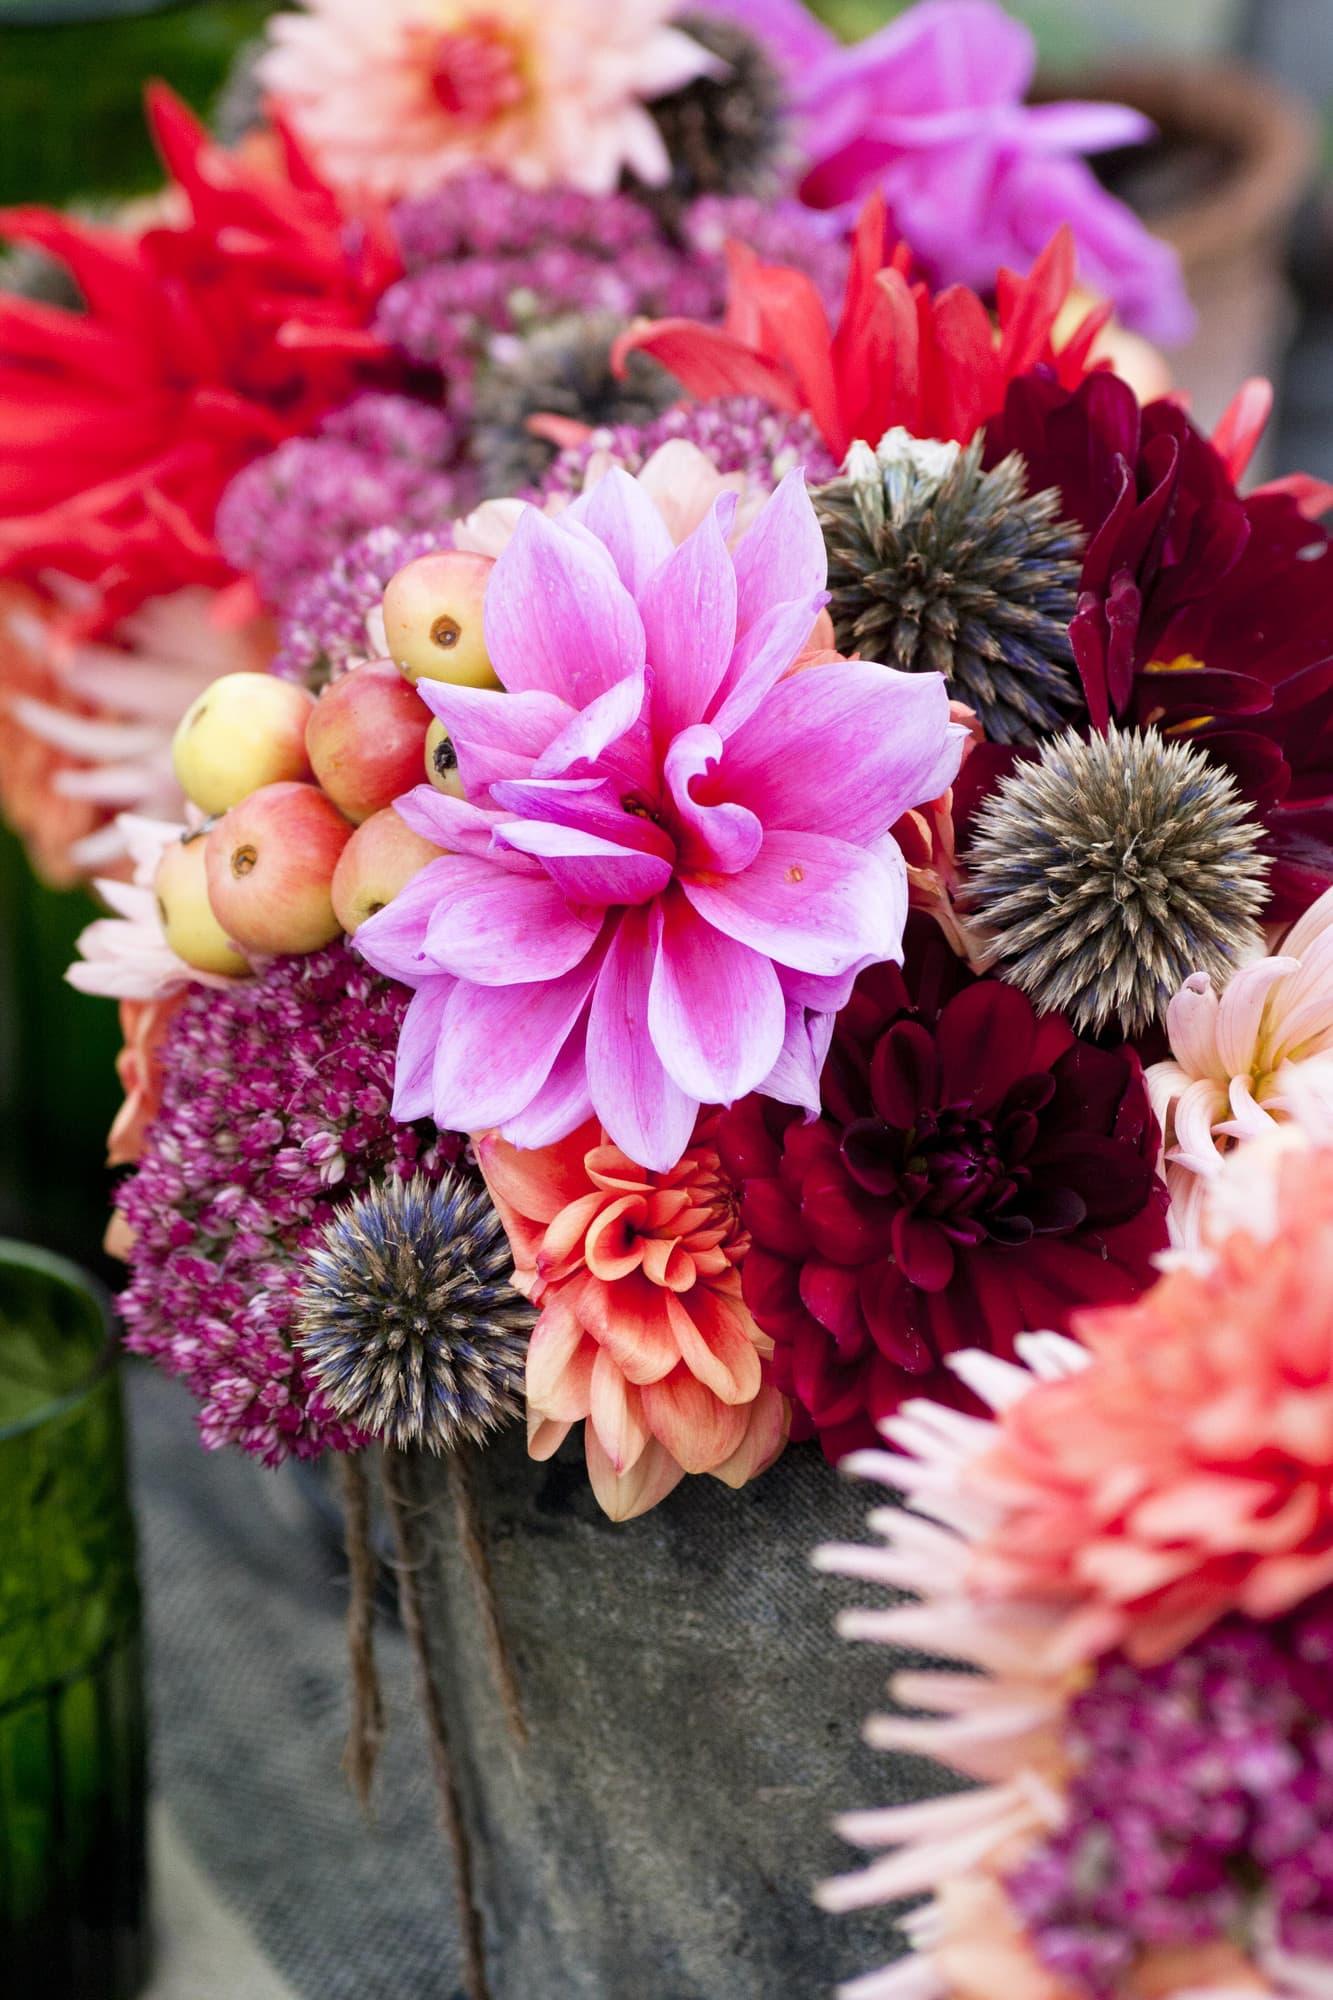 Slösa när du plockar de sista blommorna i trädgården: dahlior, kärleksört och bolltistelns fröställningar är vackra tillsammans.